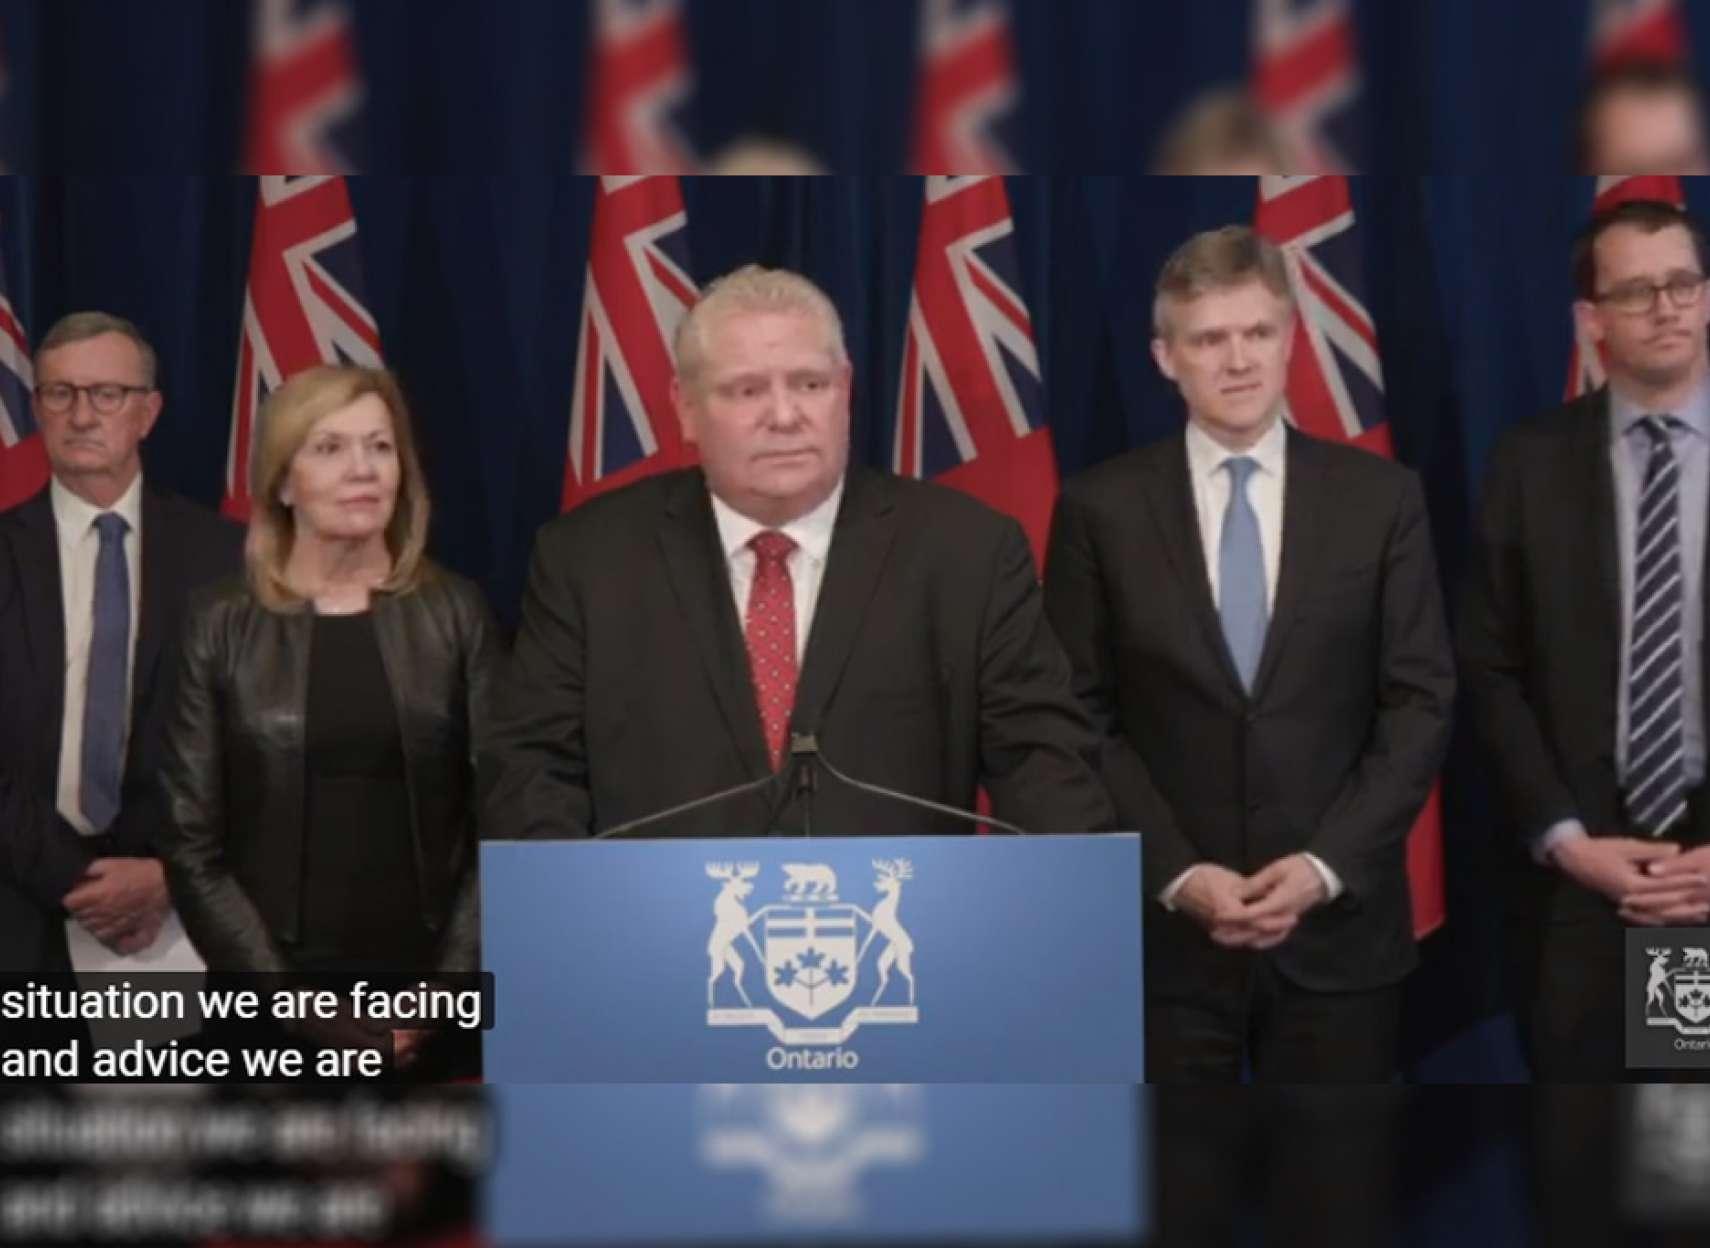 اخبار-تورنتو-مصاحبه-اضطراری-فورد-و-کابینه-درباره-کرونا-در-انتاریو